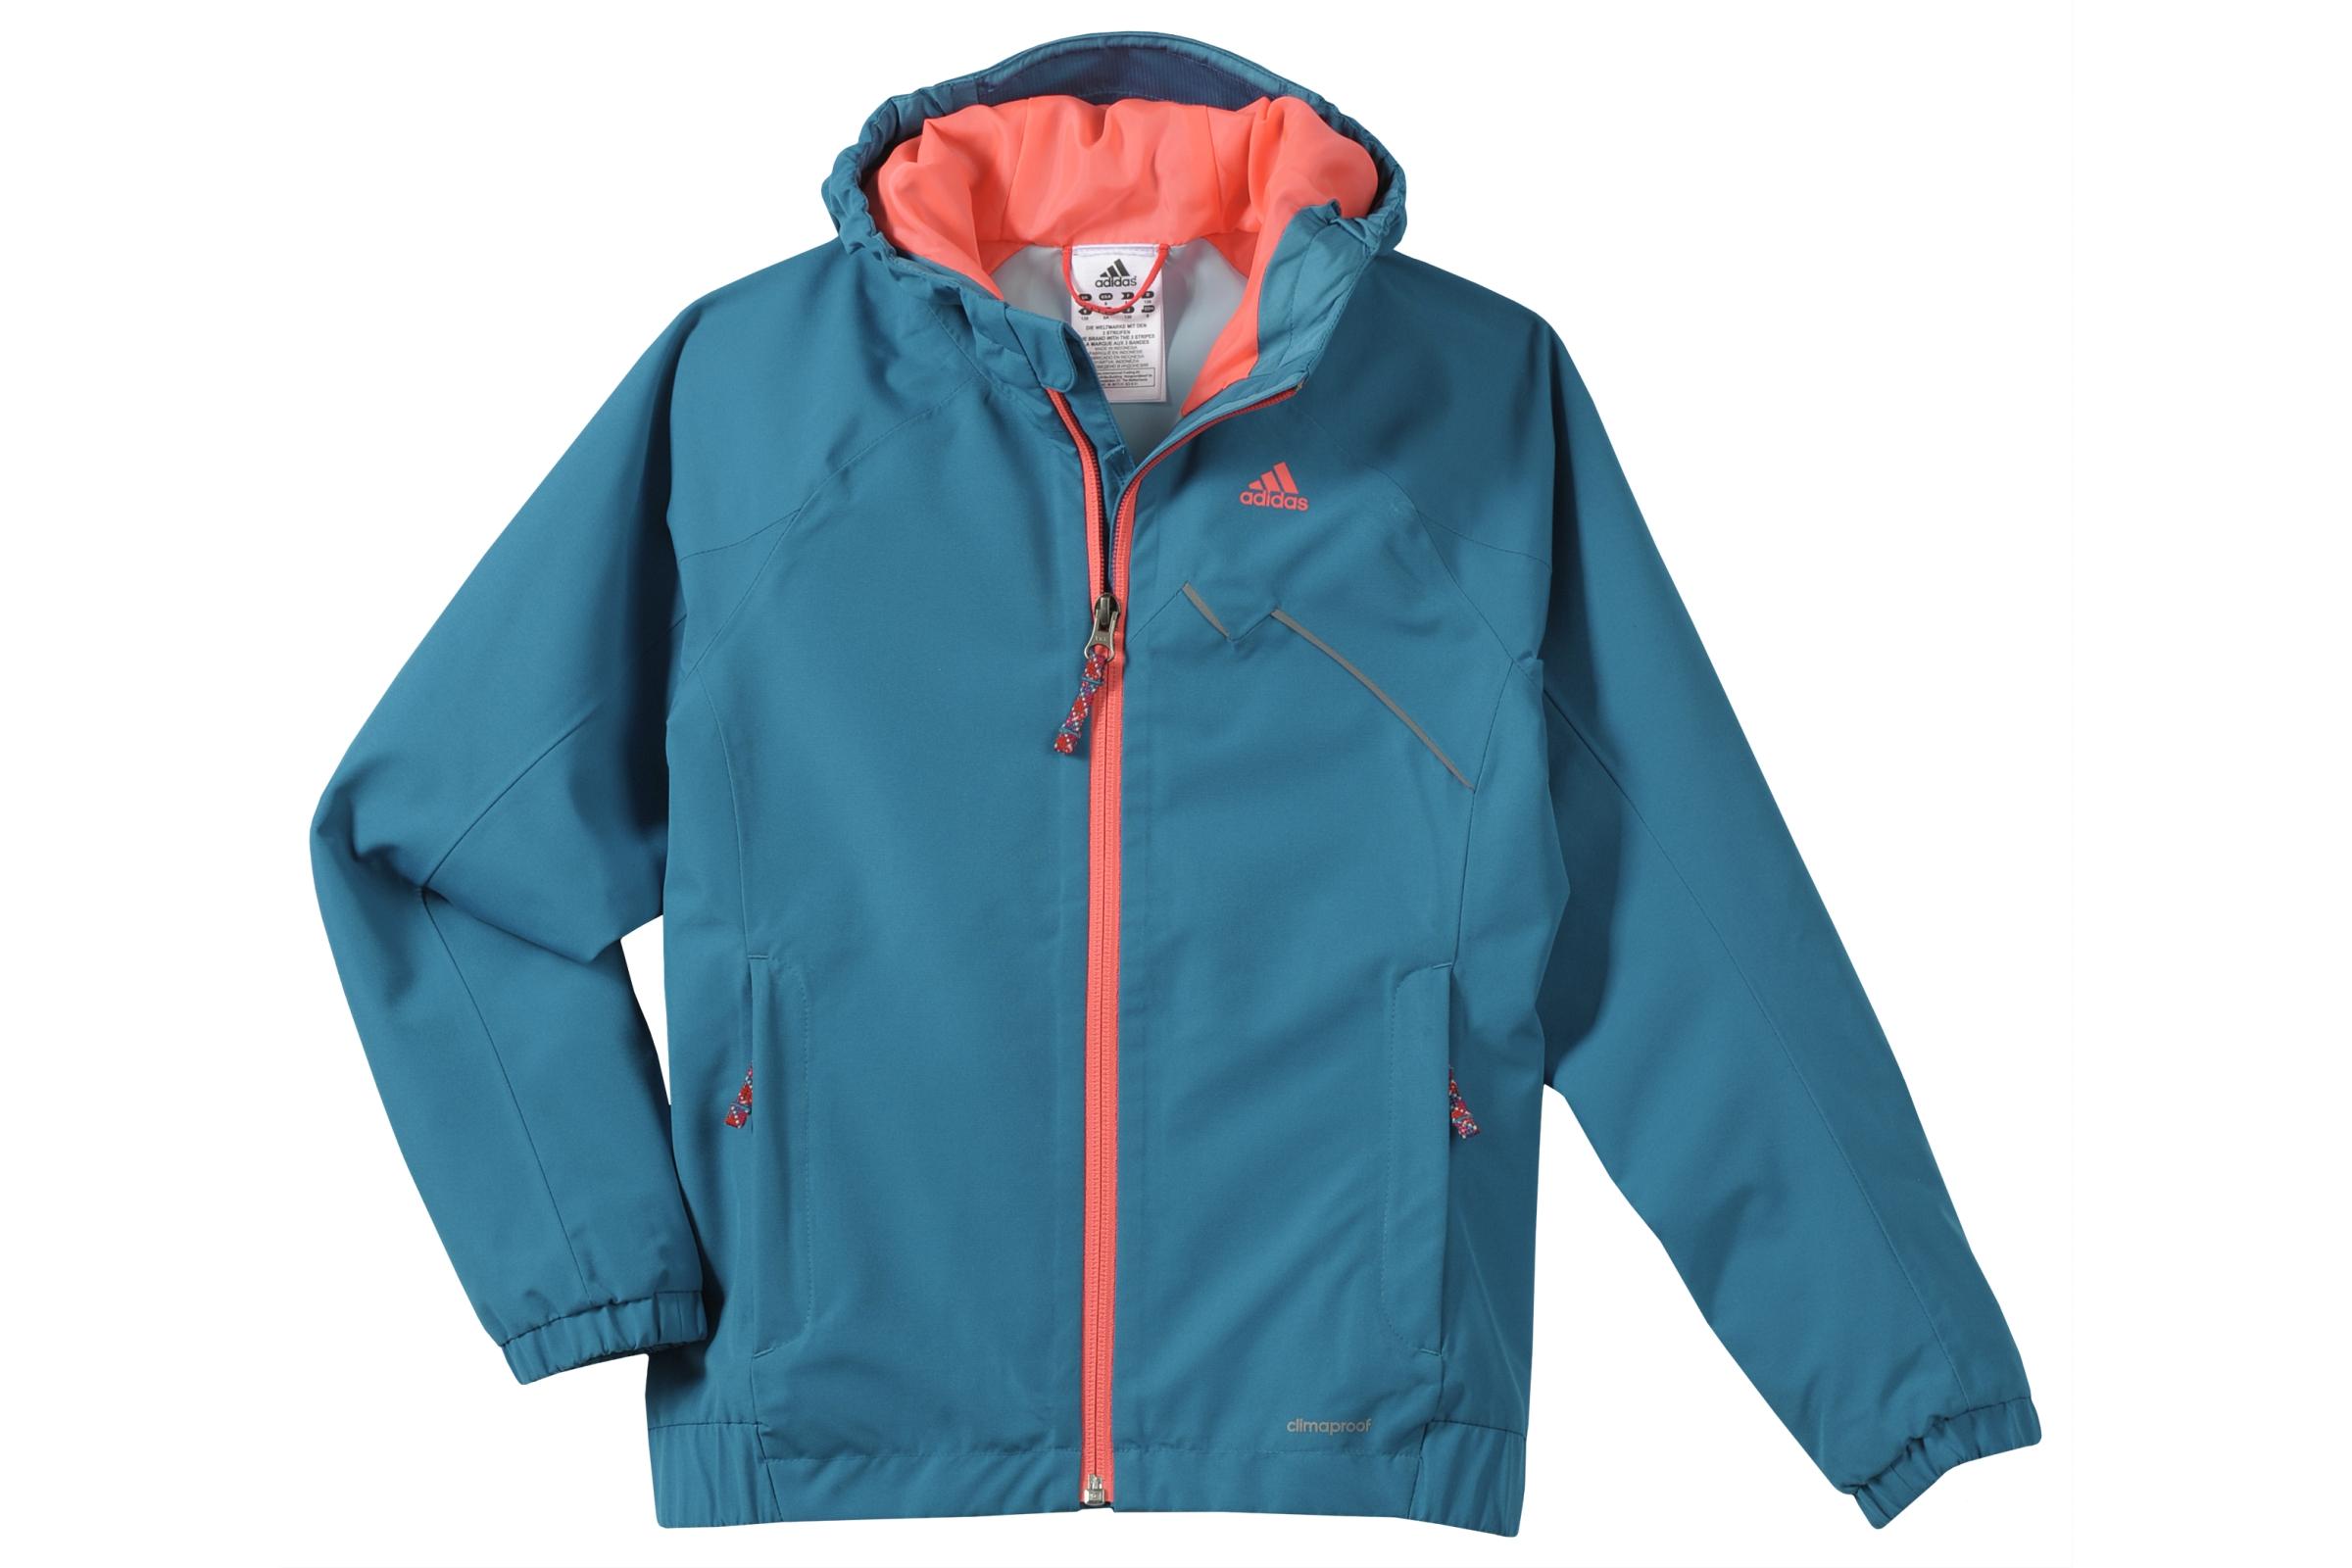 Gegen Schmuddelwetter, helfen drei Streifen! Adidas hat mit dem Kids Grody Jacket eine schicke Regenjacke für Kinder. Foto: (c) adidas ag